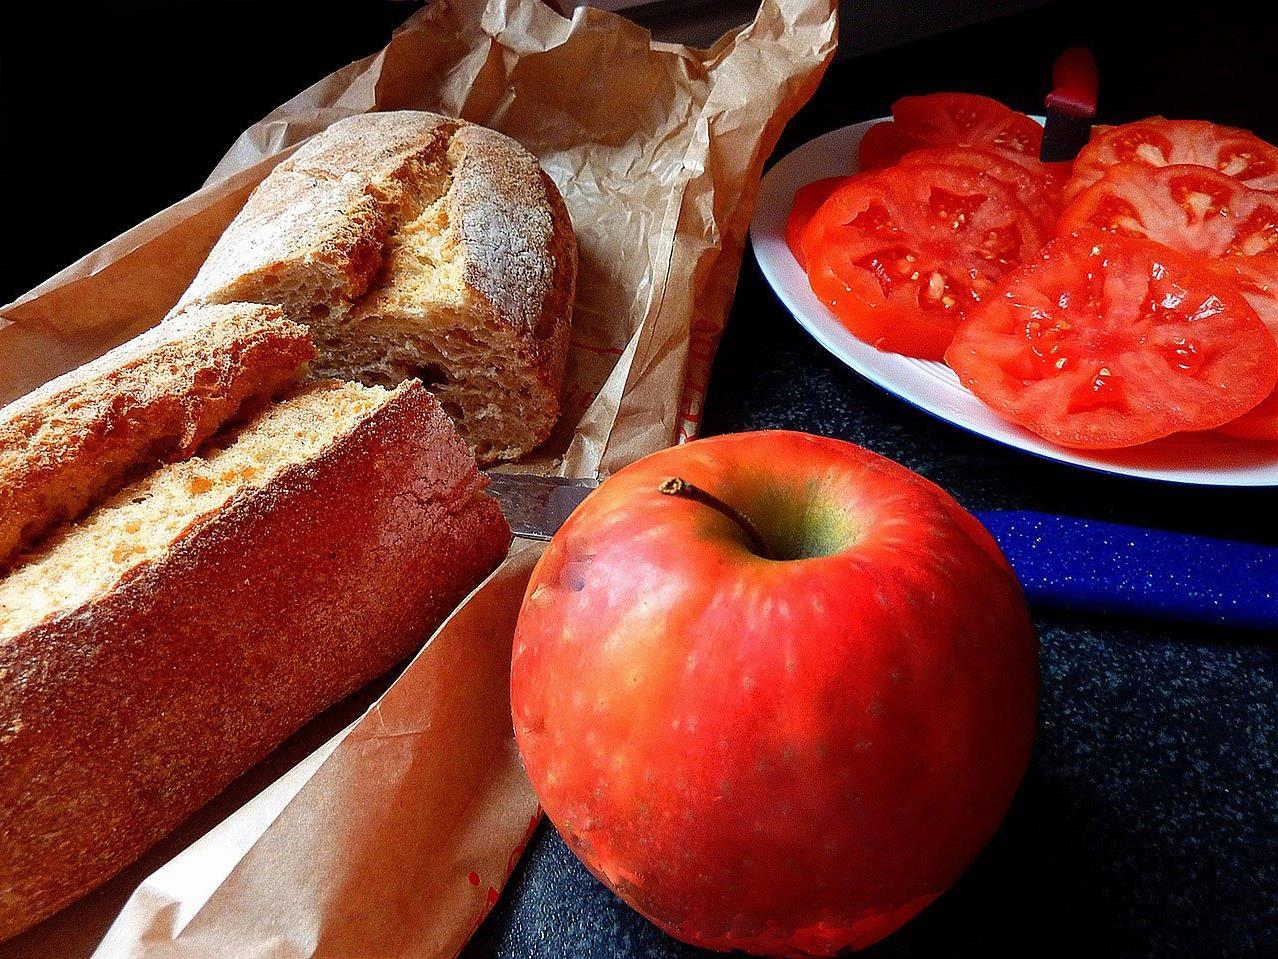 Äpfel und Brötchen müssen vor dem Wahllokal abgegeben werden